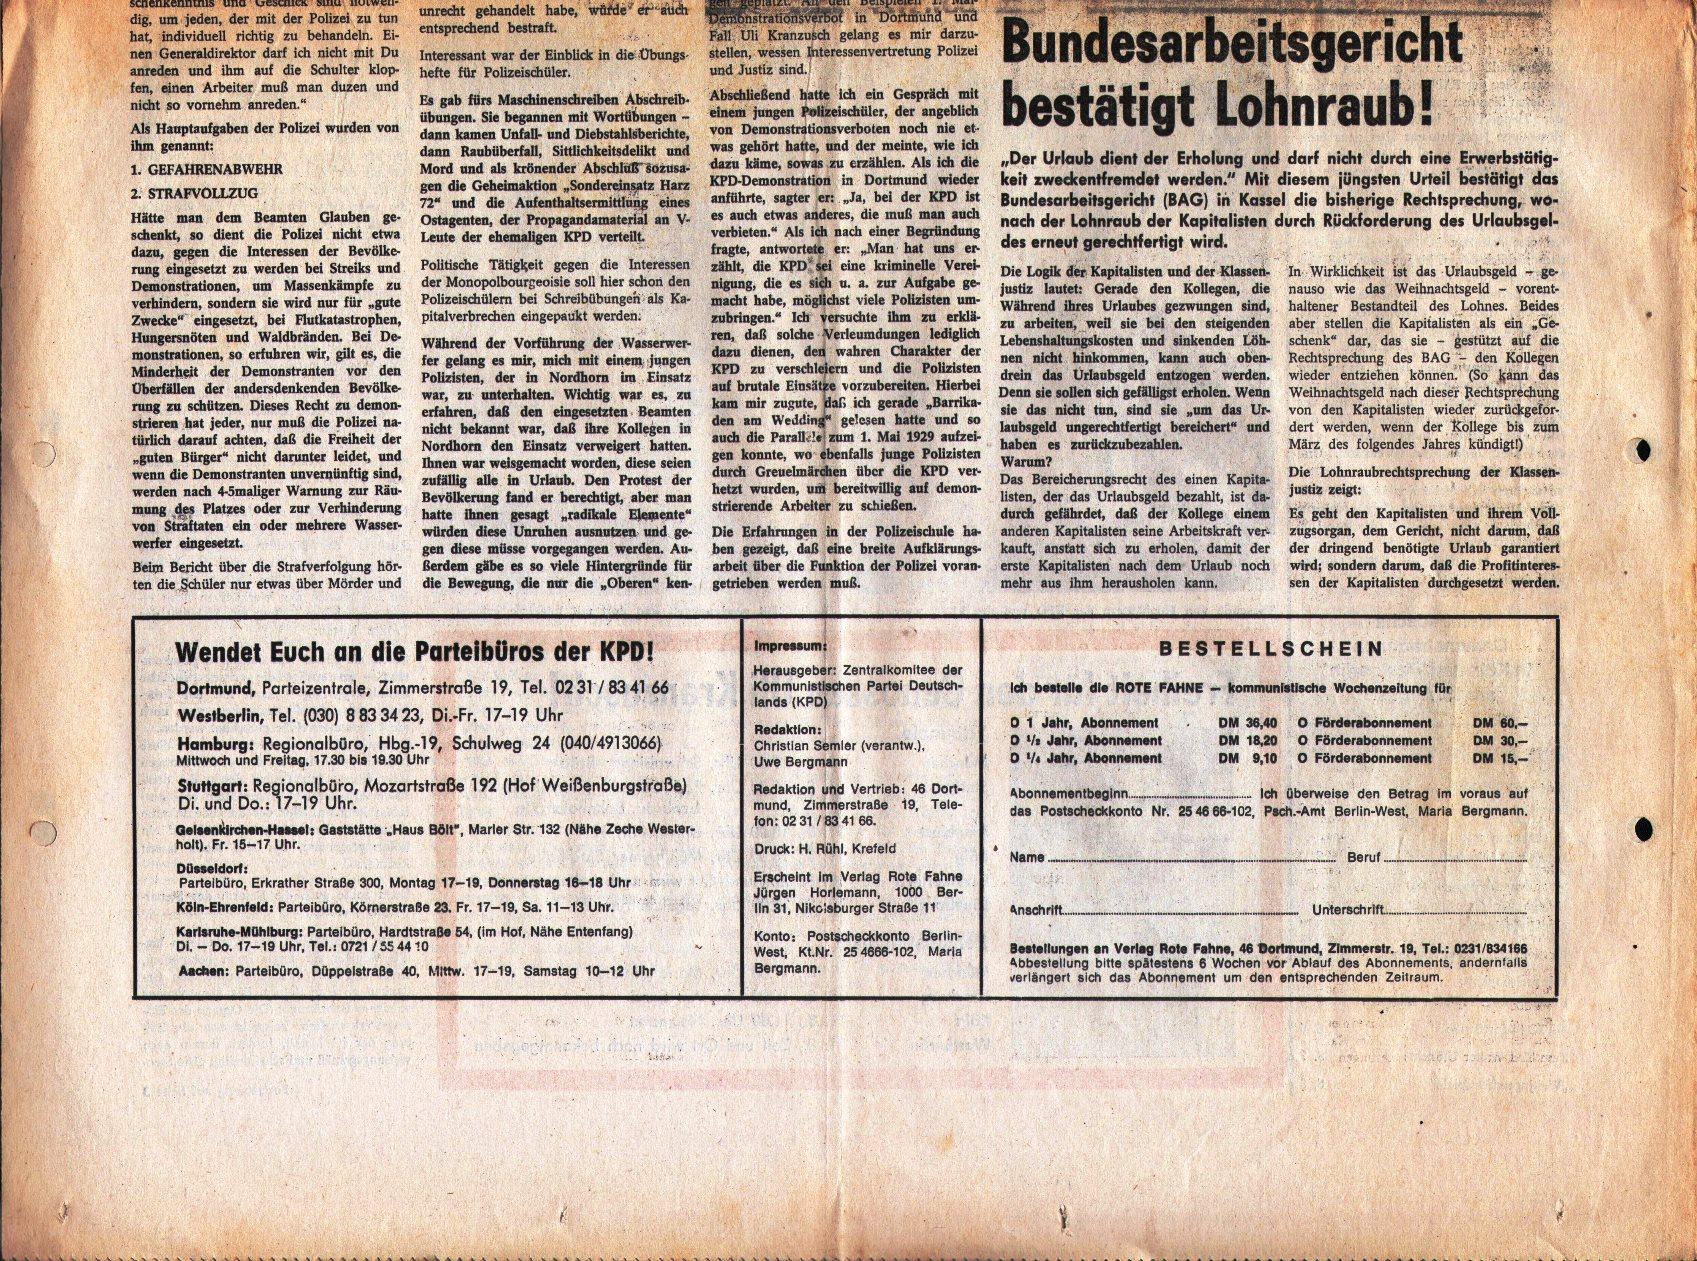 KPD_Rote_Fahne_1973_32_04